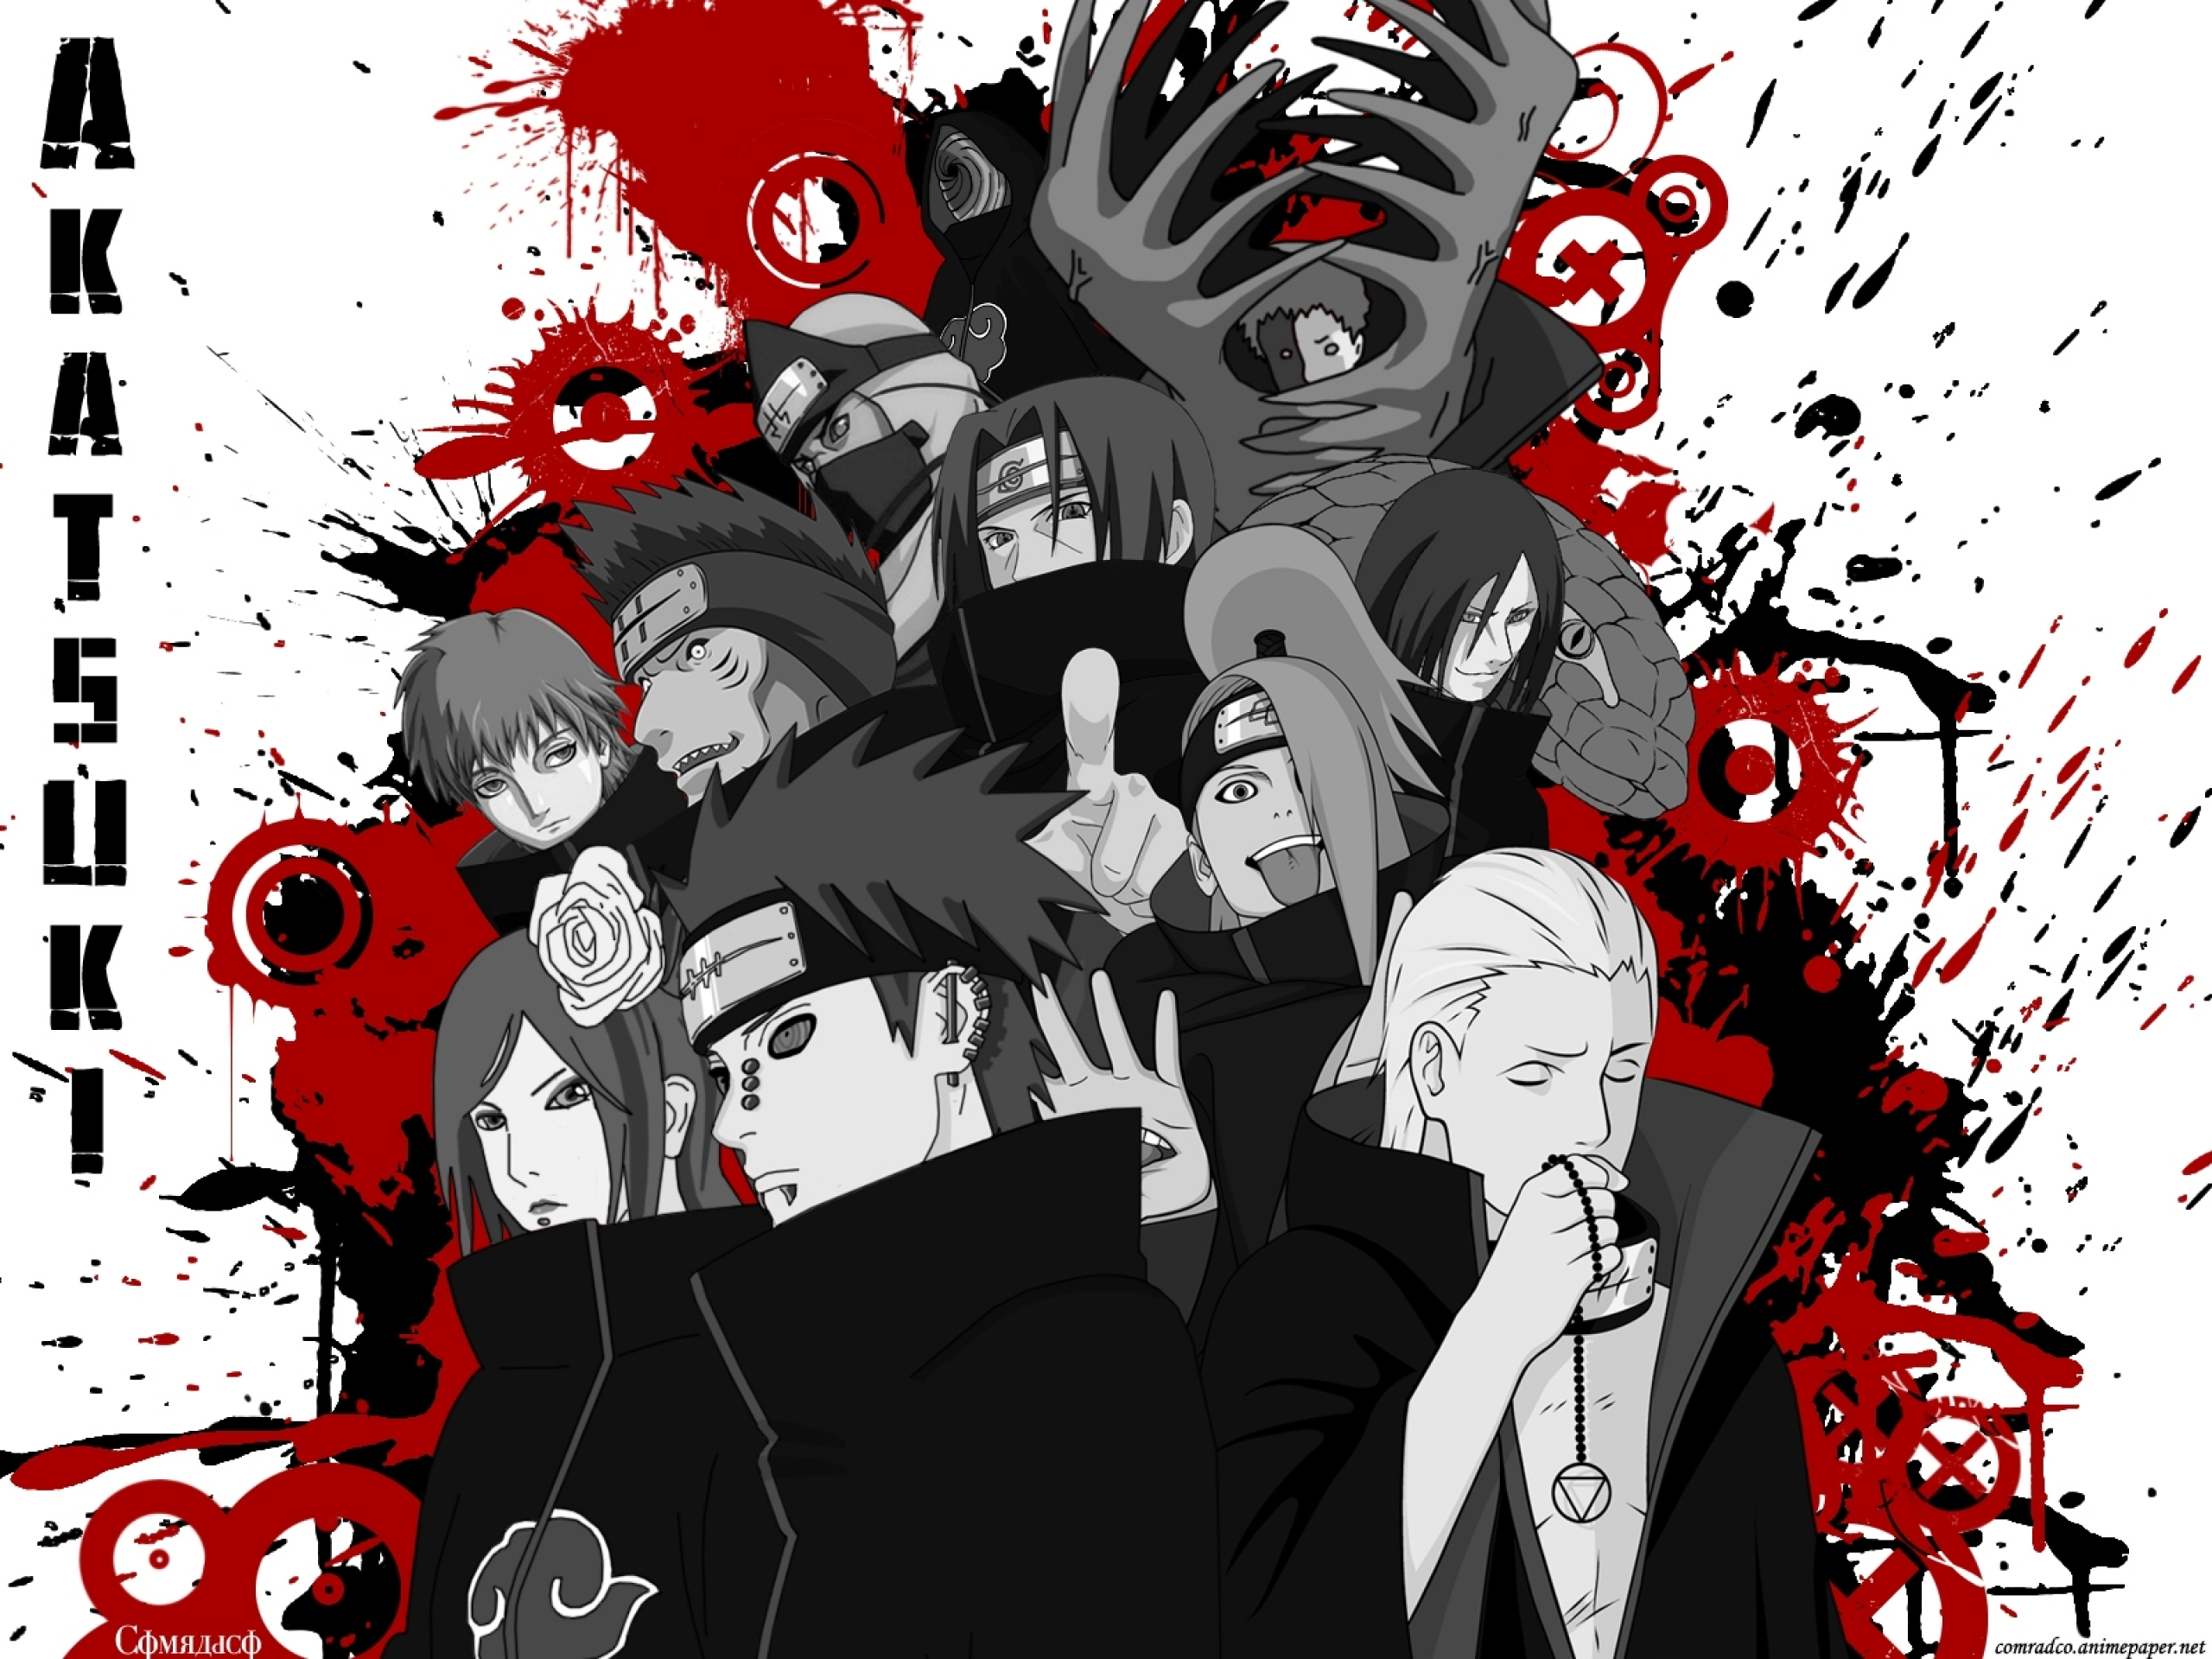 Download Naruto Shippuden Akatsuki Uchiha Itachi Kisame Hoshigaki